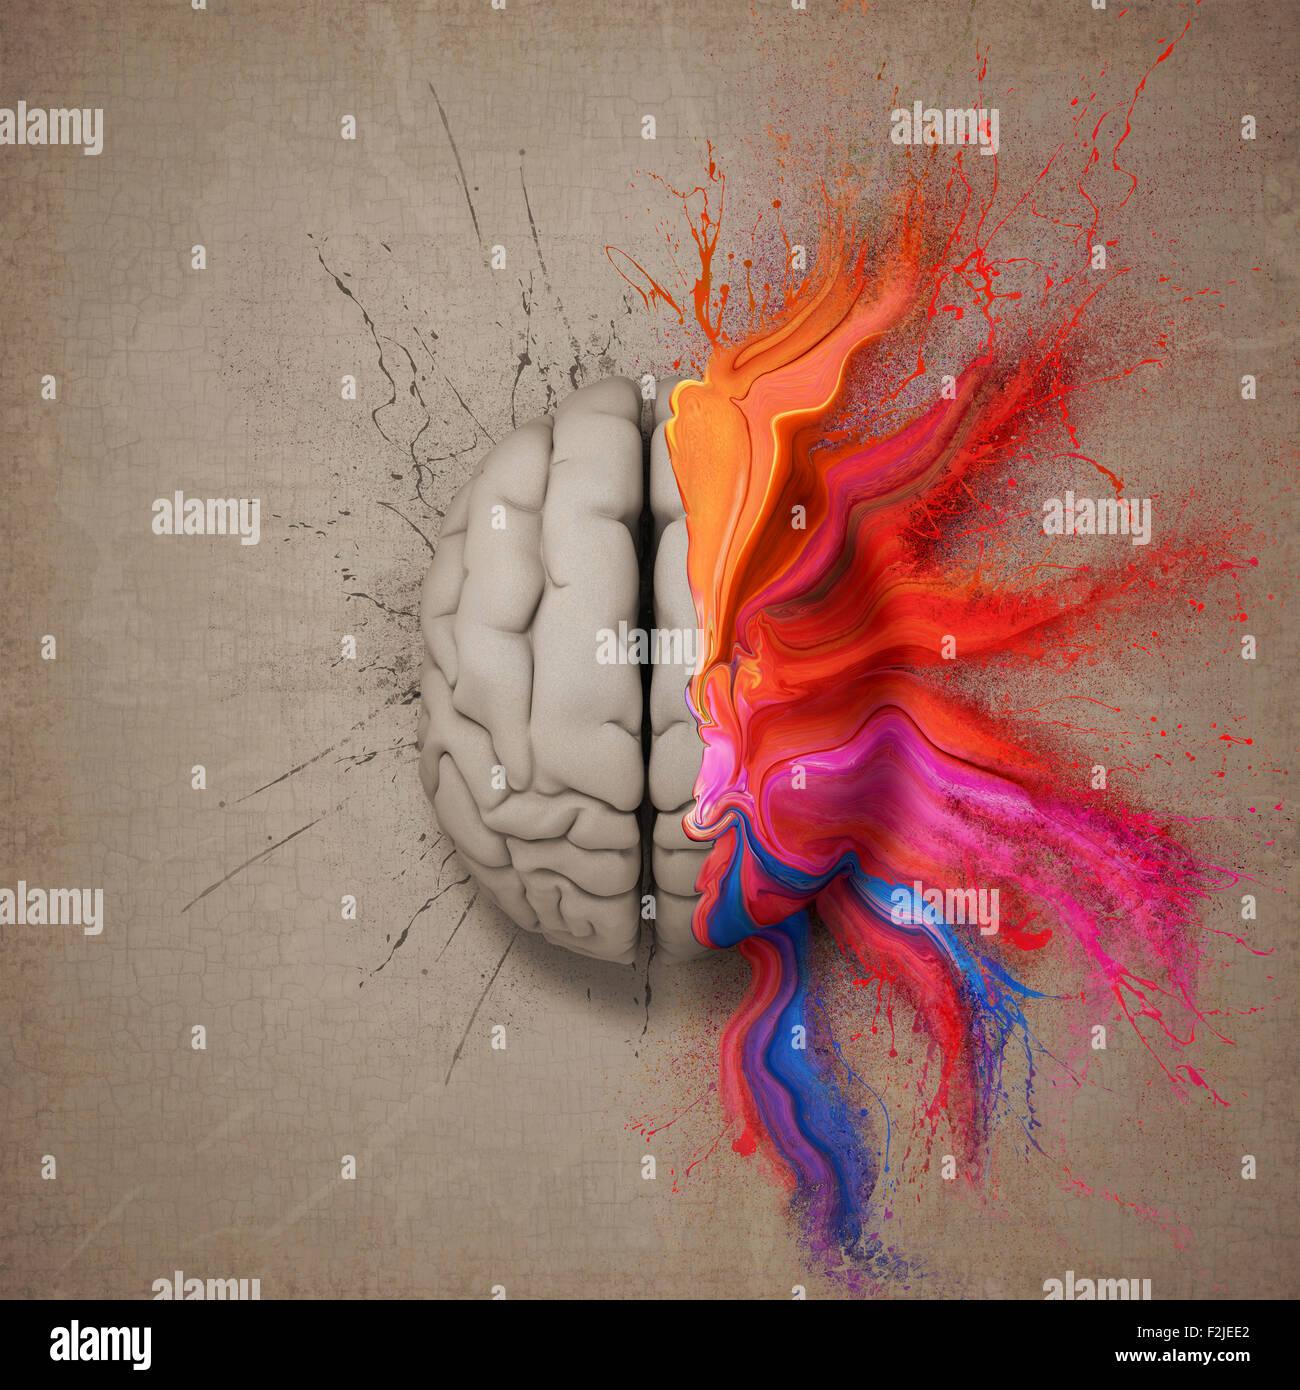 L'esprit créatif ou cerveau illustré d'éclaboussure de peinture aux couleurs vives et de Photo Stock